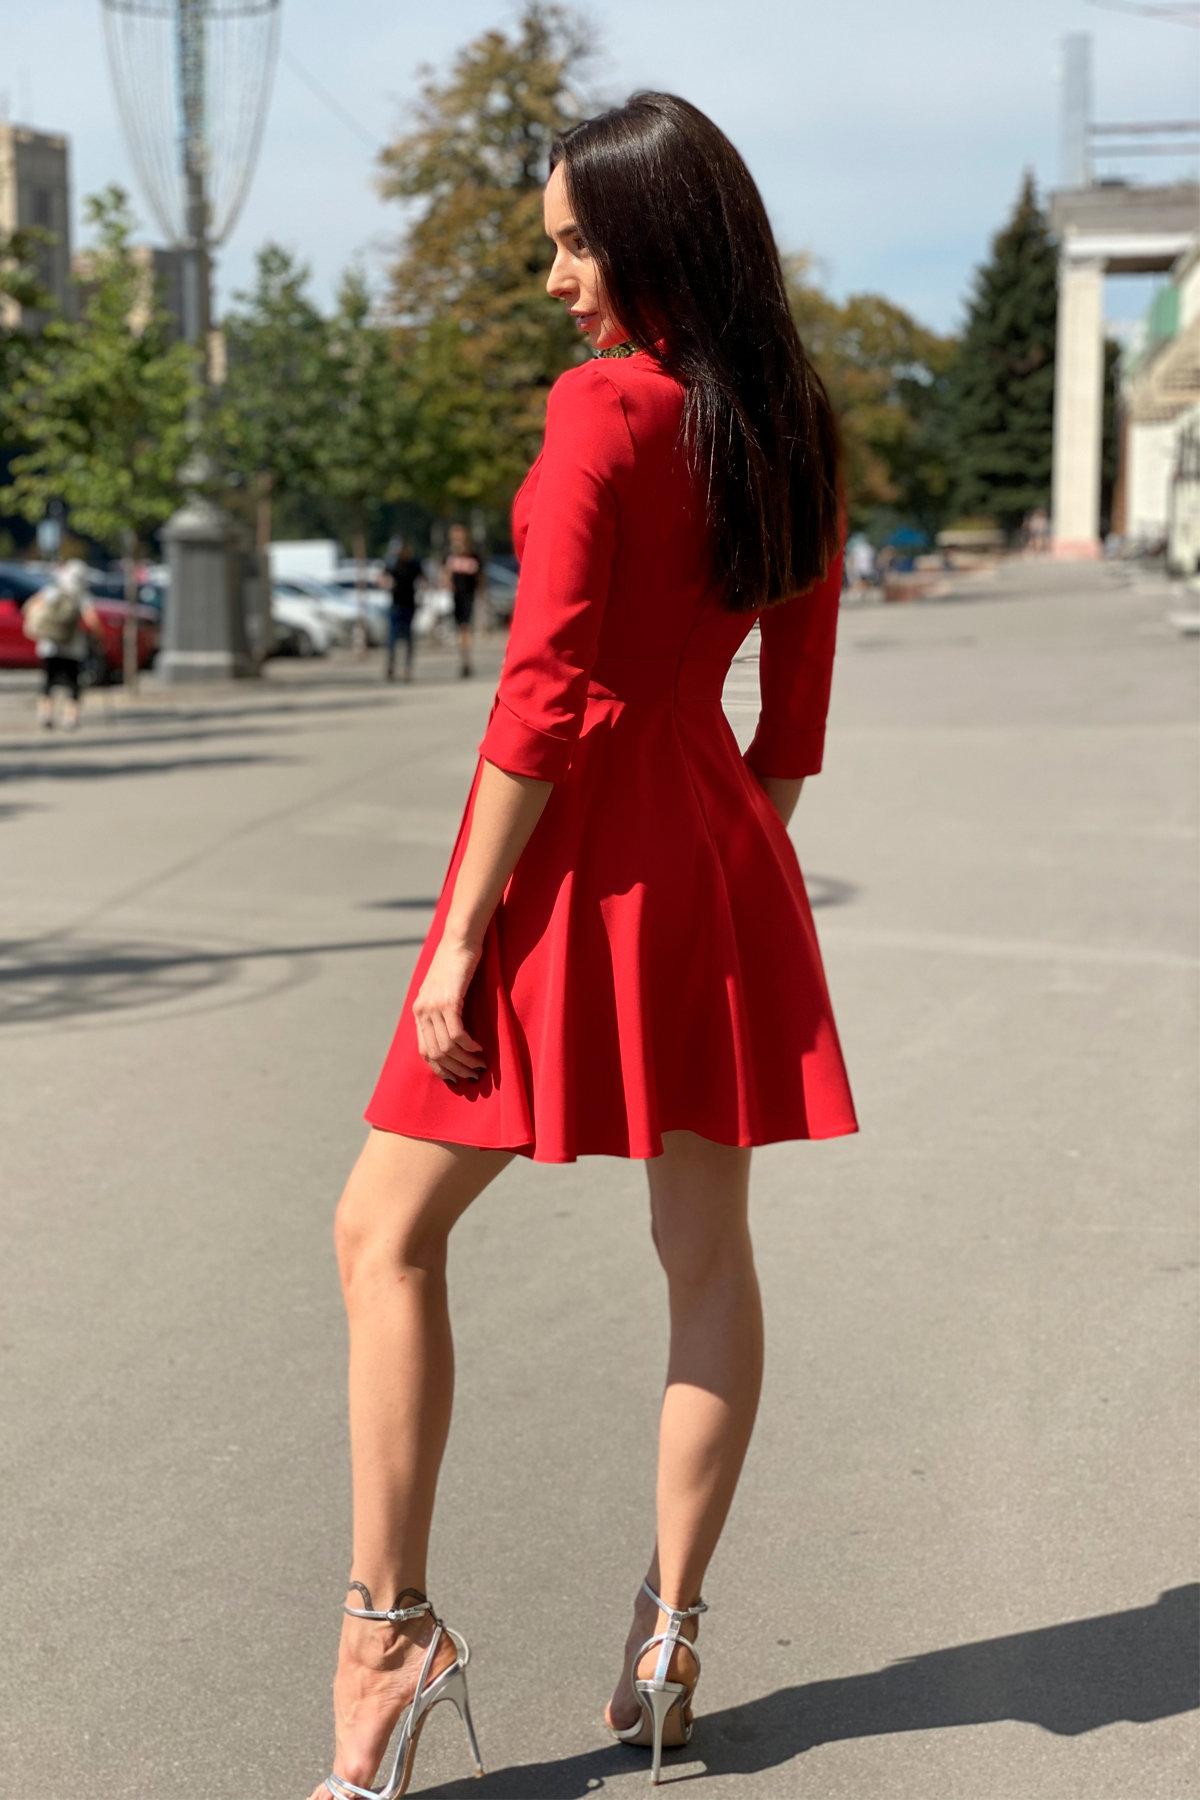 Платье Малья 7678 АРТ. 43600 Цвет: Красный - фото 3, интернет магазин tm-modus.ru